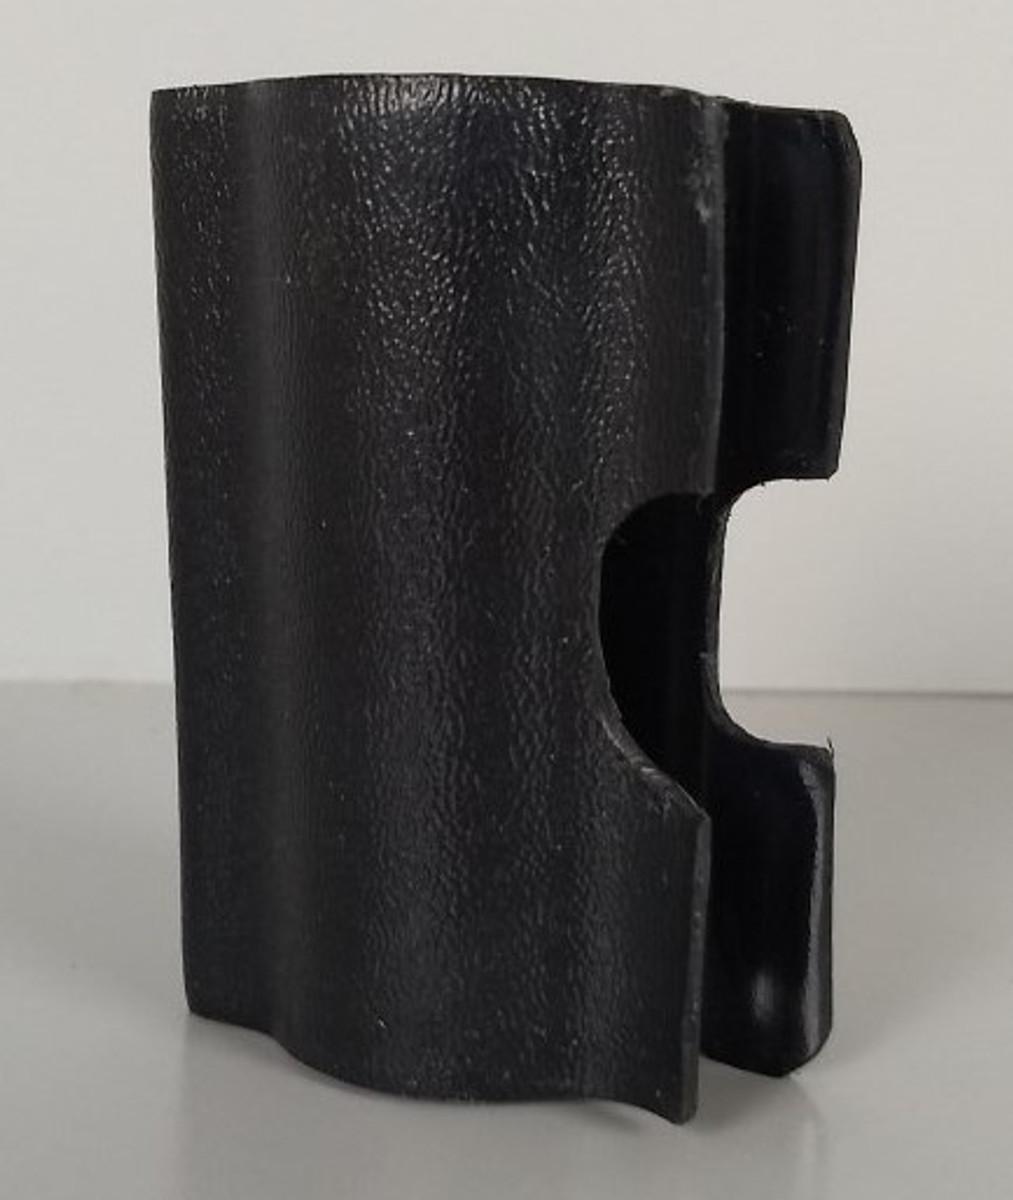 Flashlight Holder Assy , Beech 1900D, Replaces Part 45A90710-007